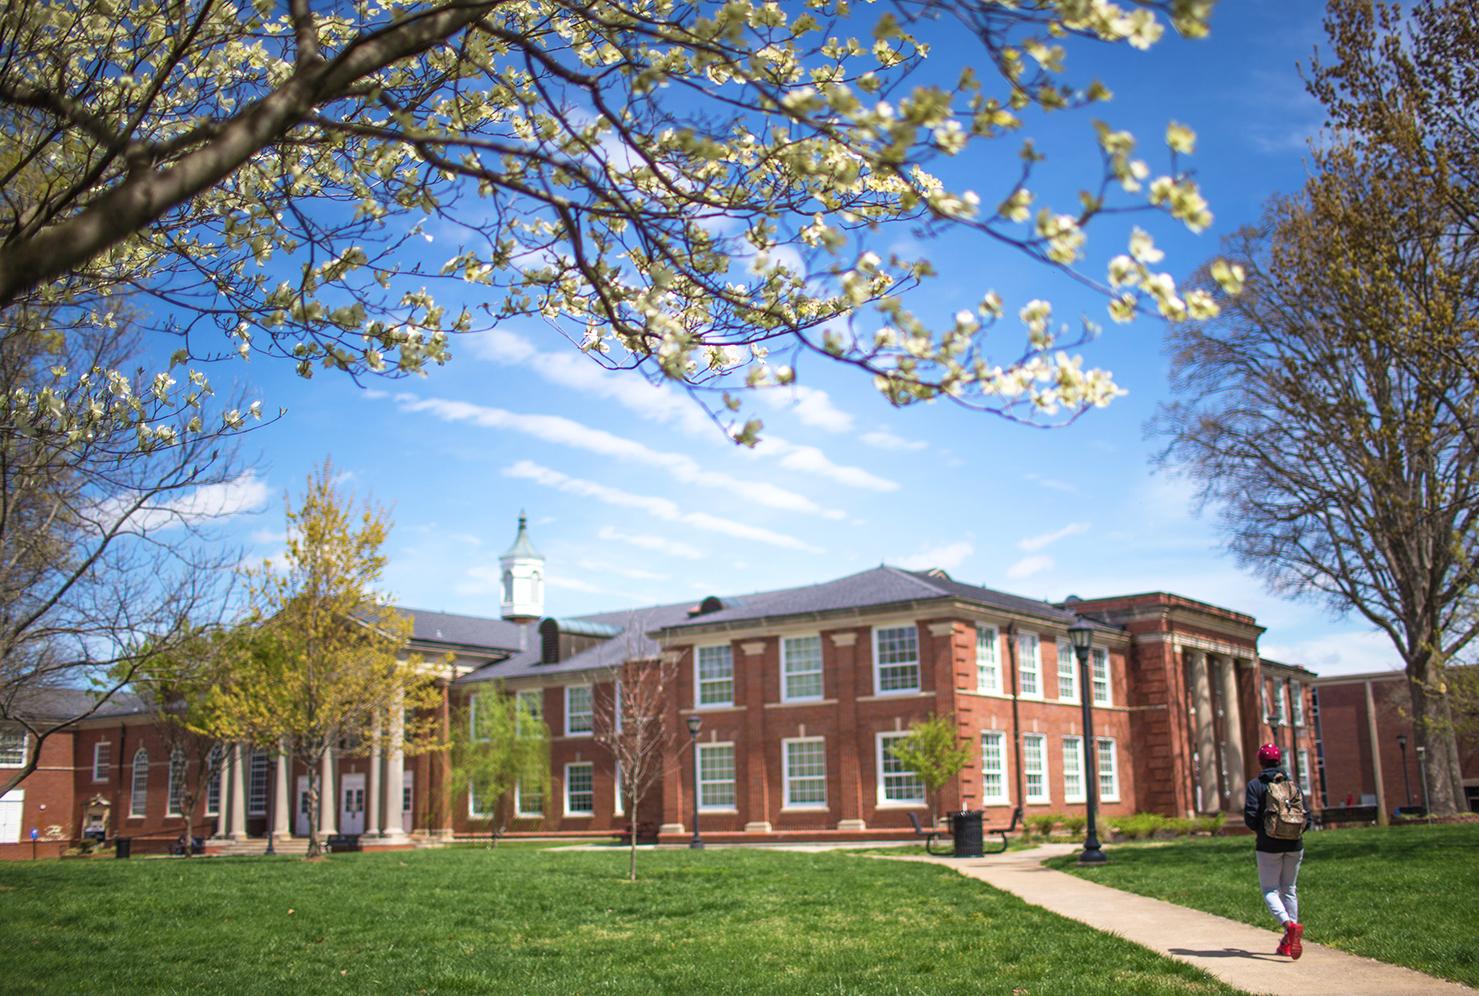 20160401 campus candids 5734